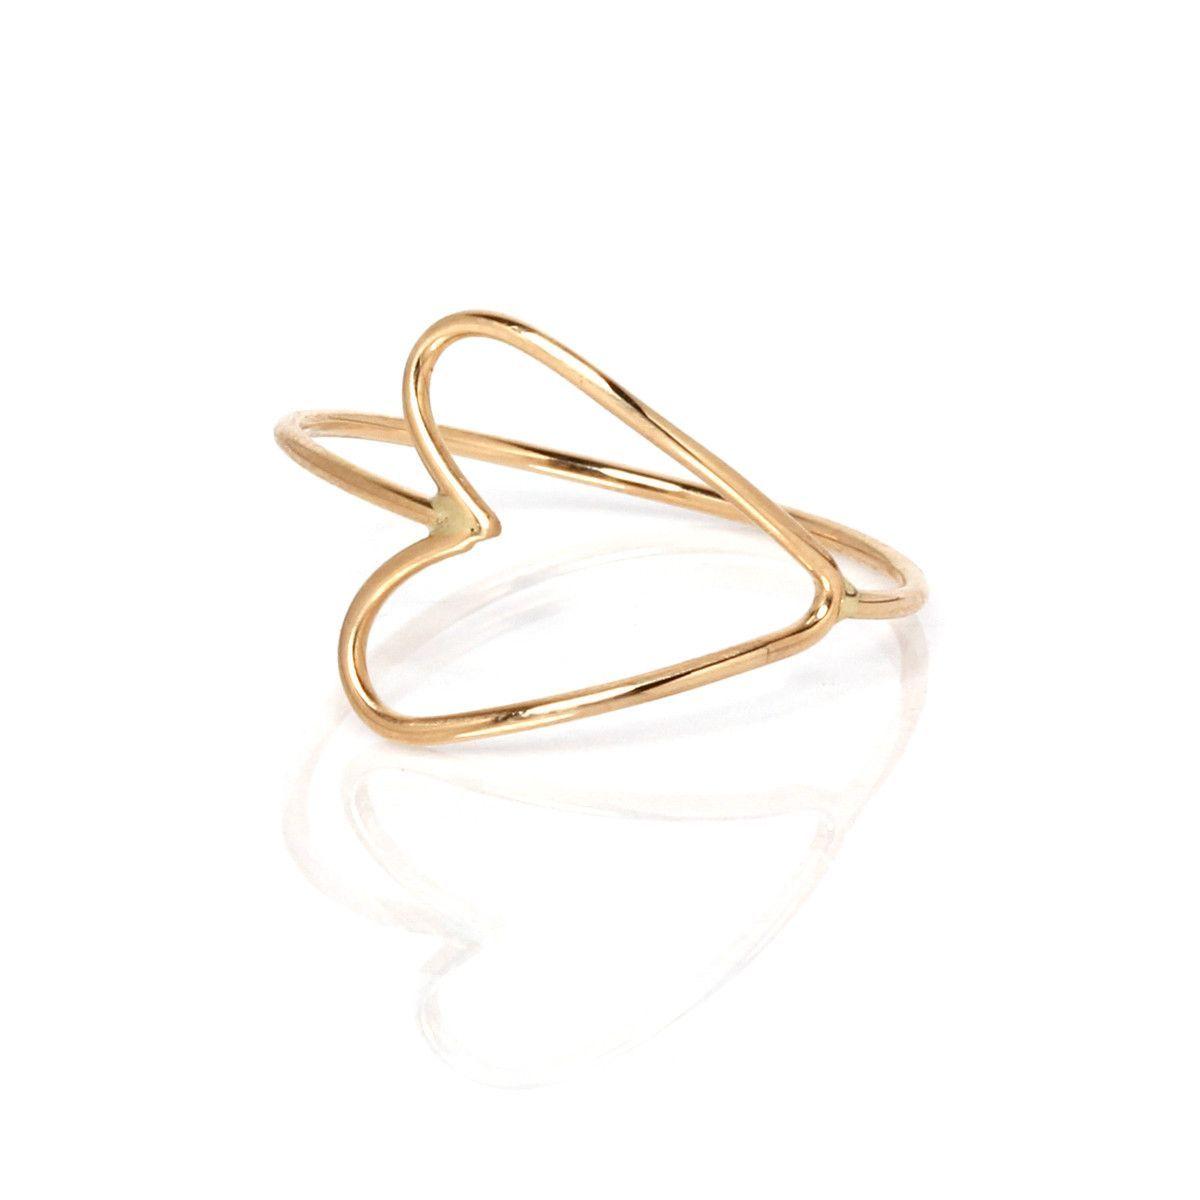 14k tiny heart outline ring